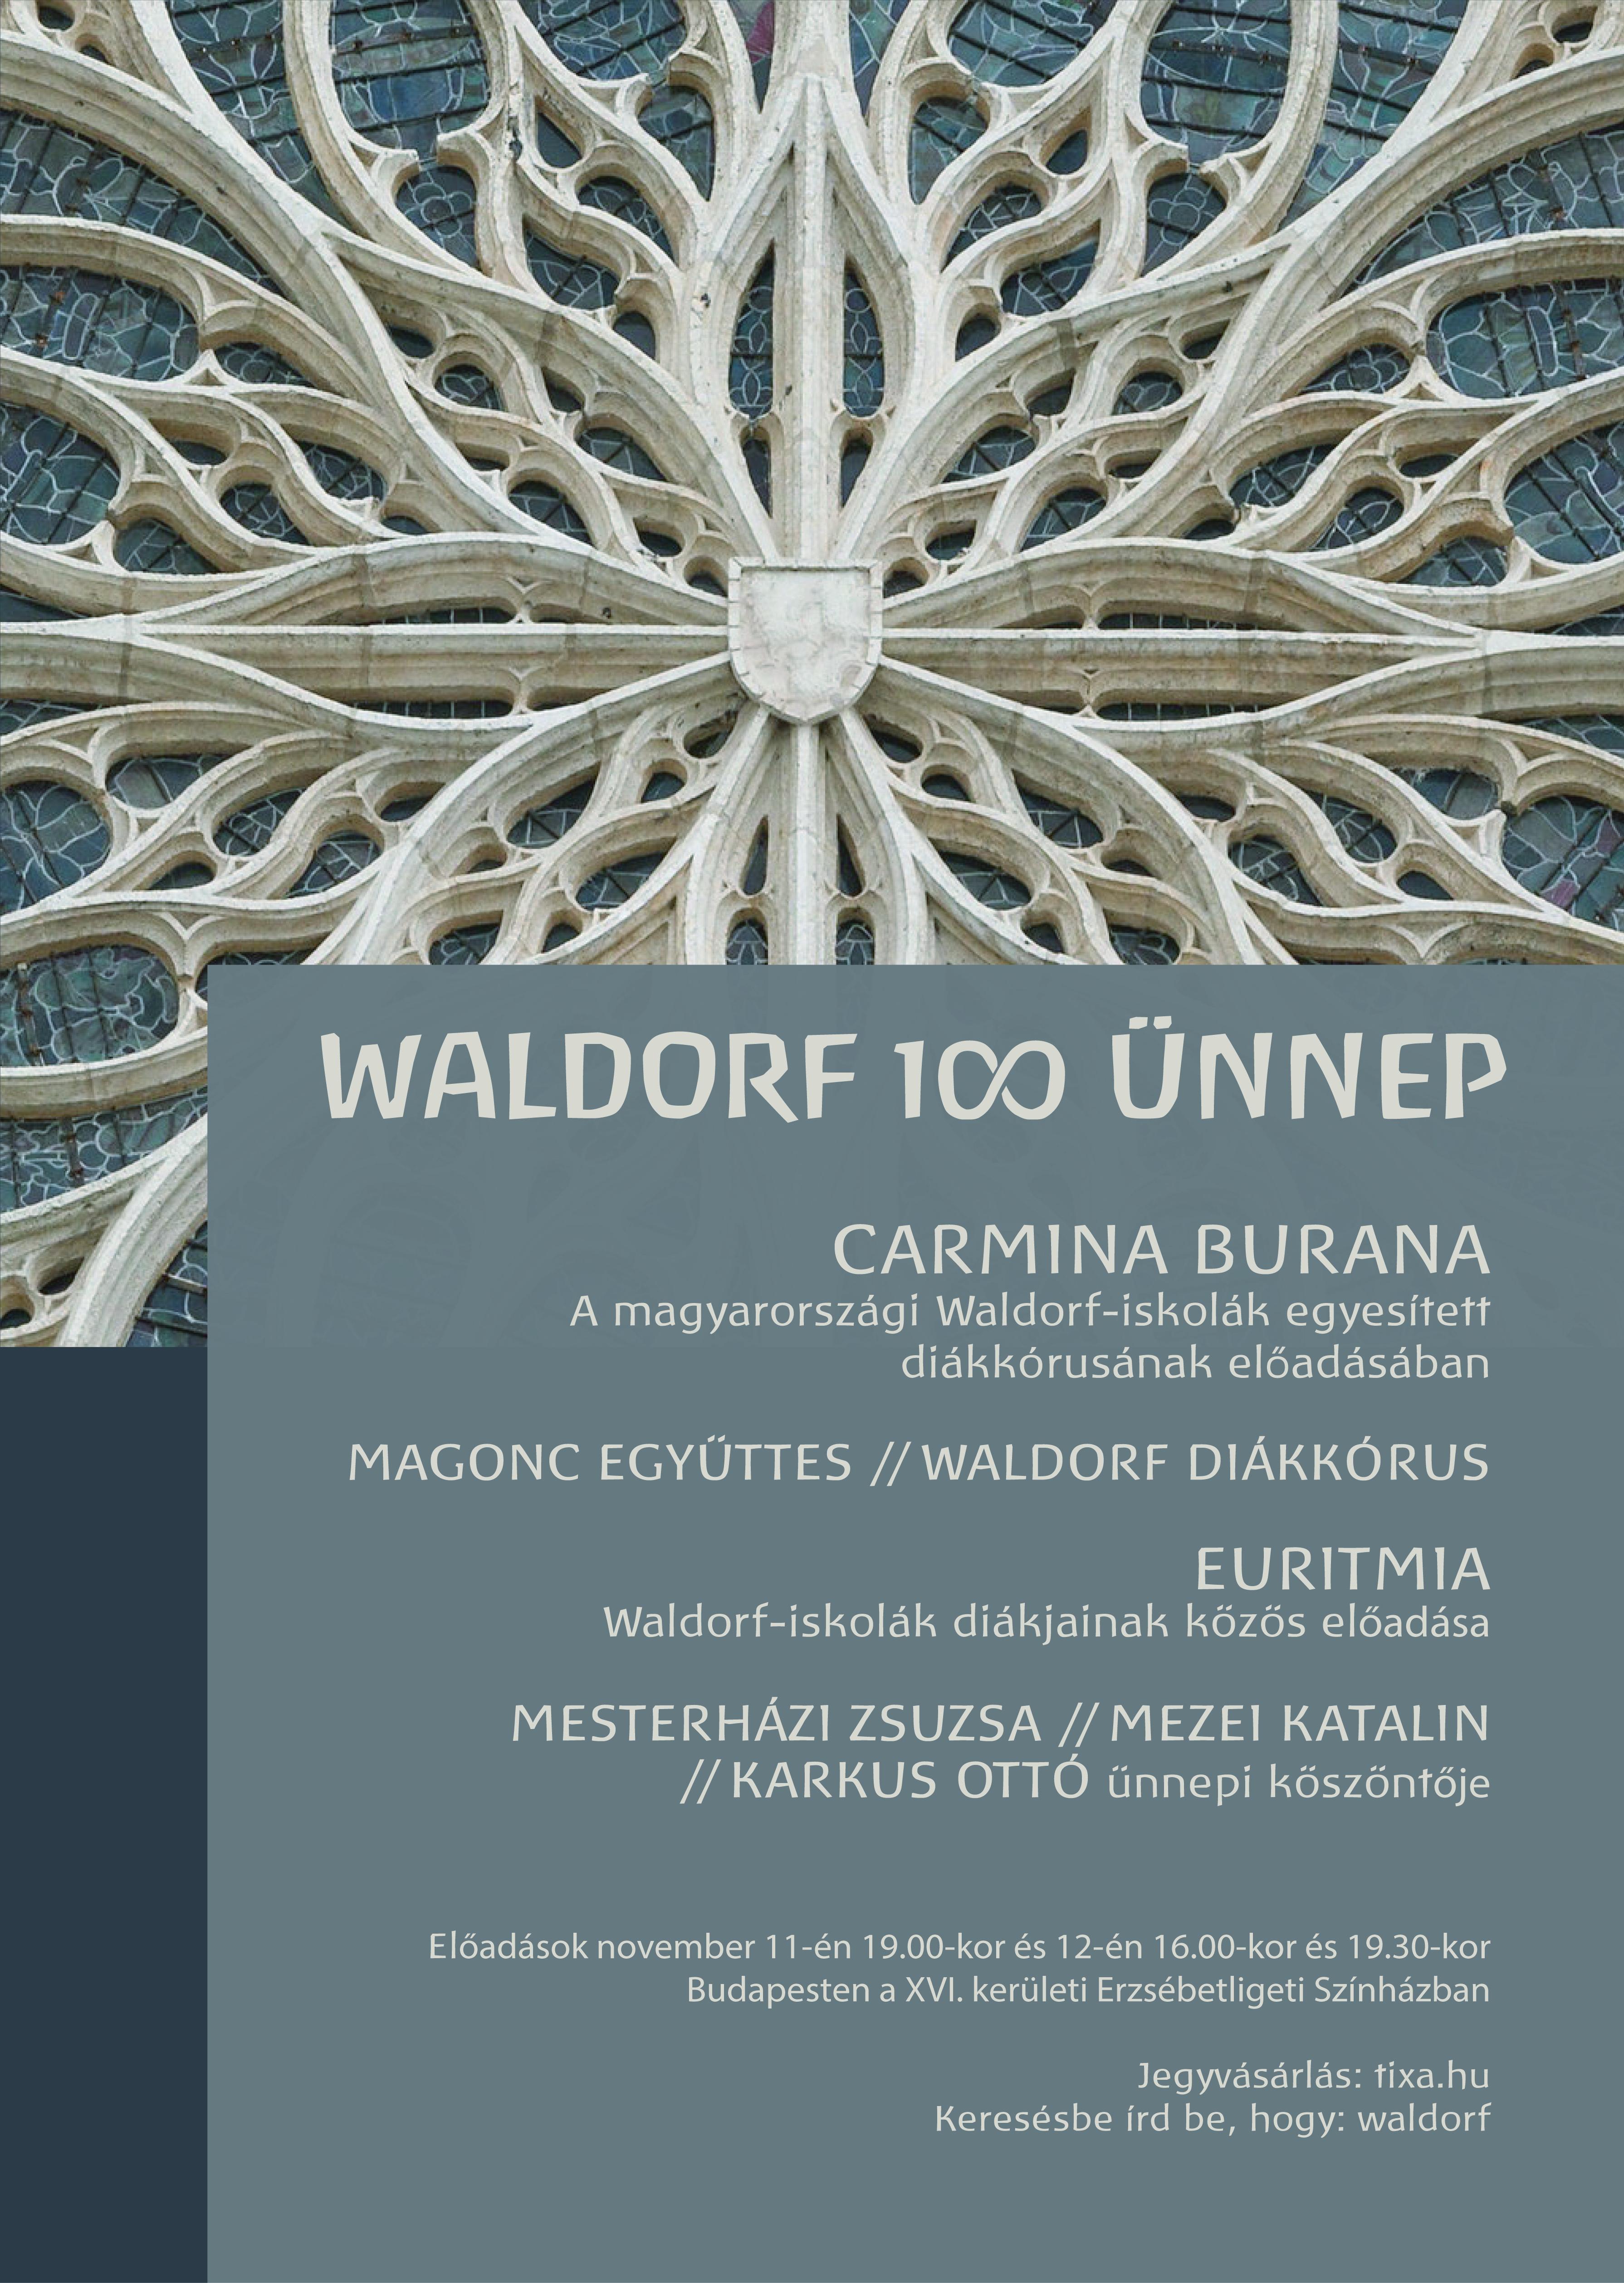 Waldorf 100 színházi ünnep